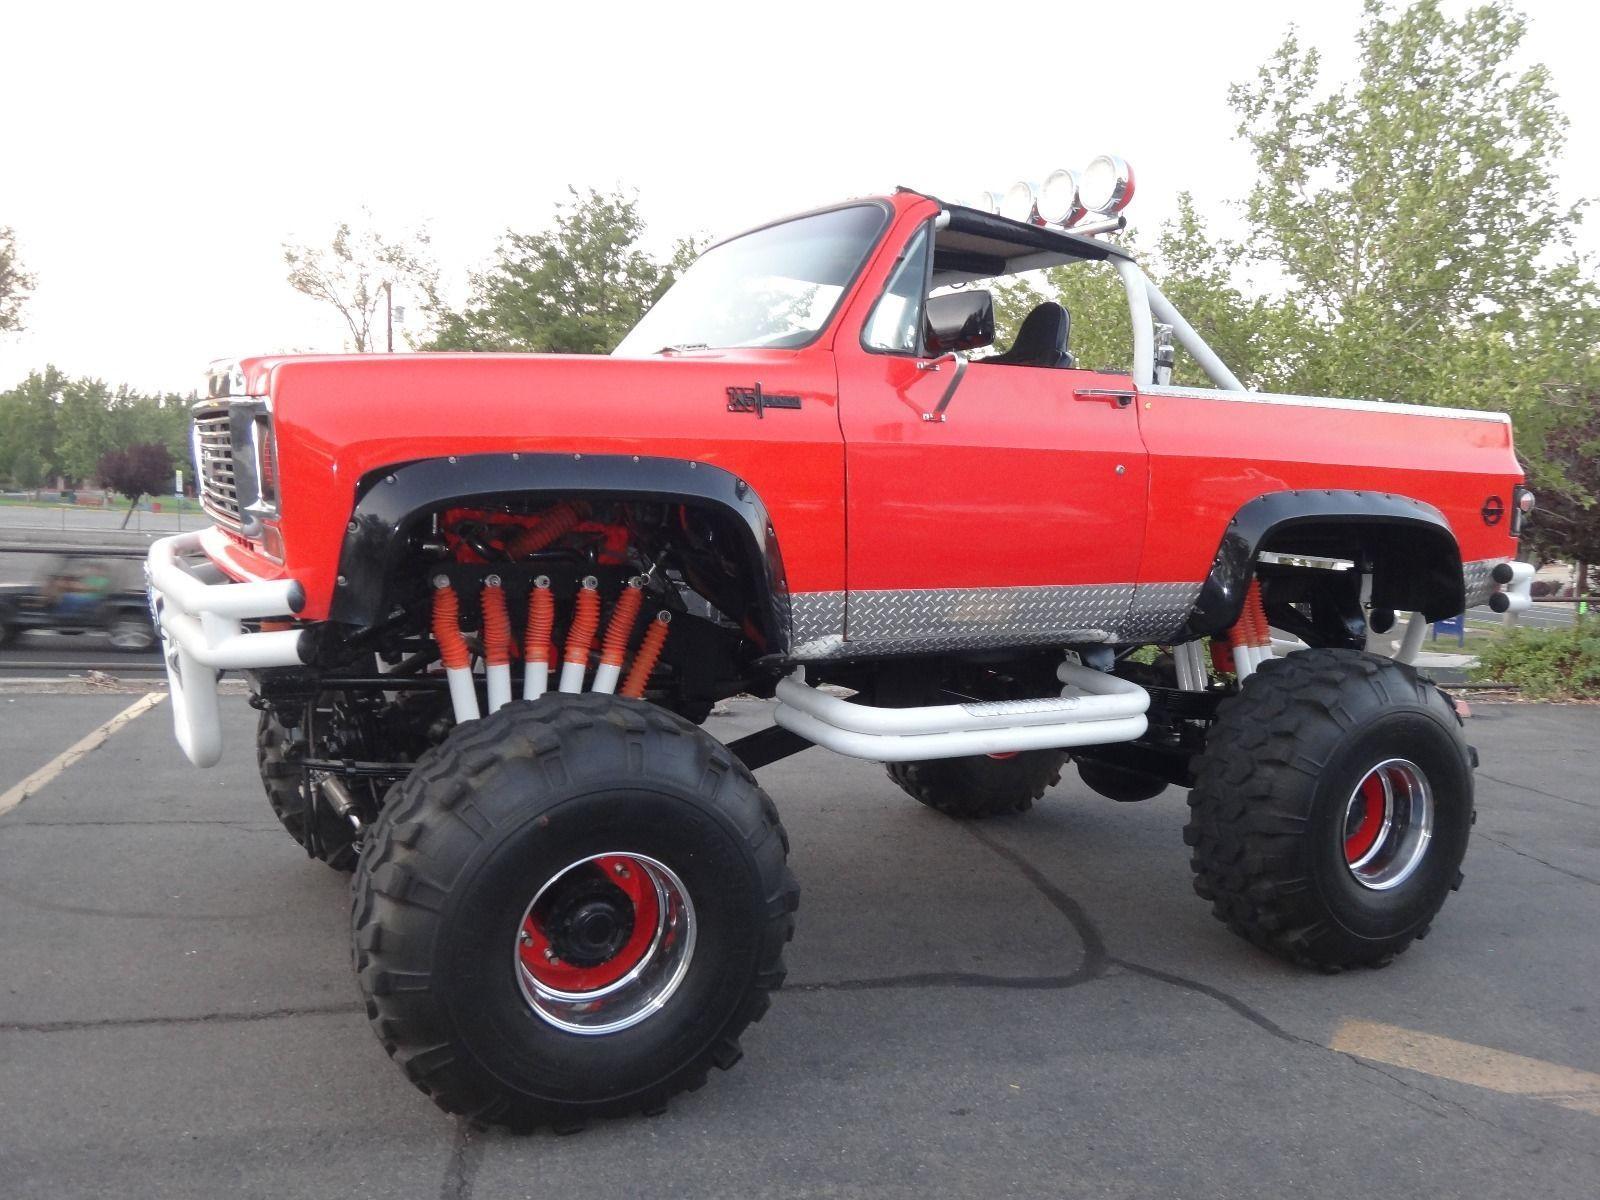 1973 chevrolet blazer k5 monster truck for sale. Black Bedroom Furniture Sets. Home Design Ideas